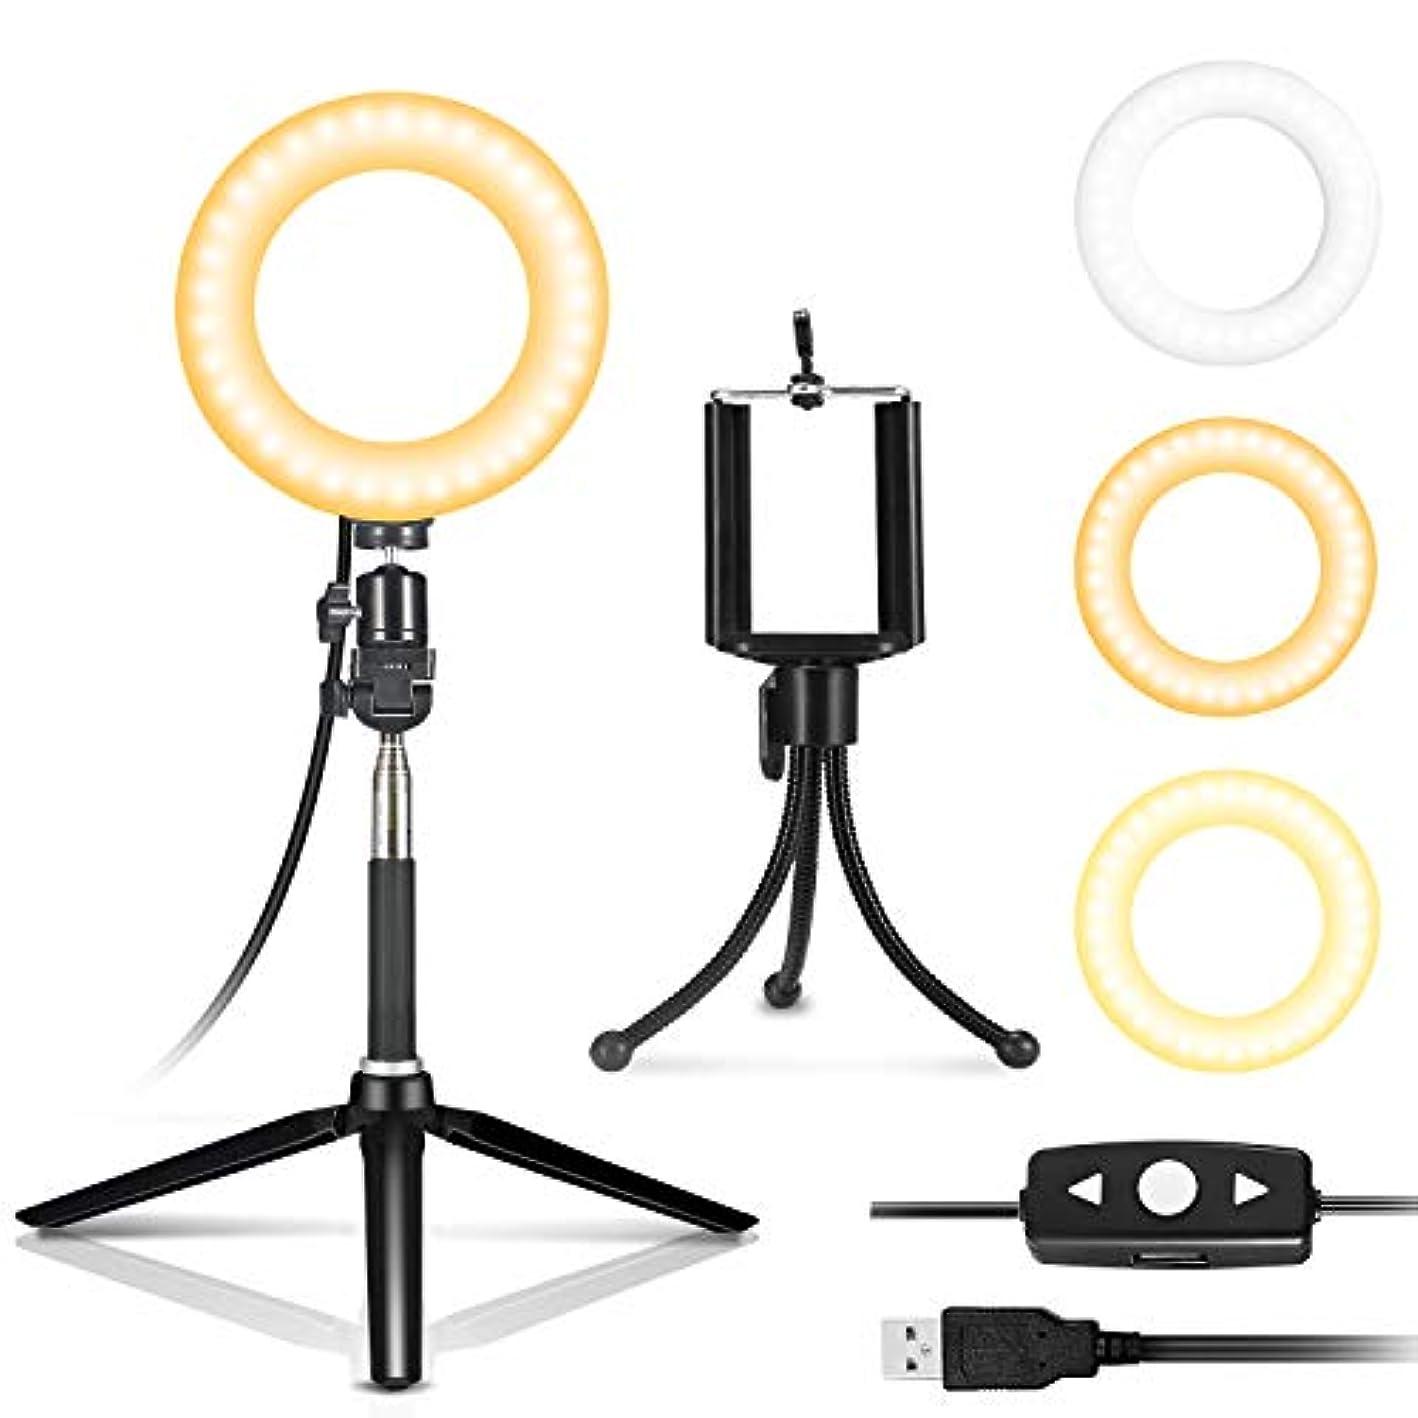 デコレーションペパーミント軍団IDESION 自撮り補助セルフィー LEDライト ミラー 女優ライト 6インチ円形 3色調節可能 リモコン付き ハリウッドライト USB給電 日本語説明書付き